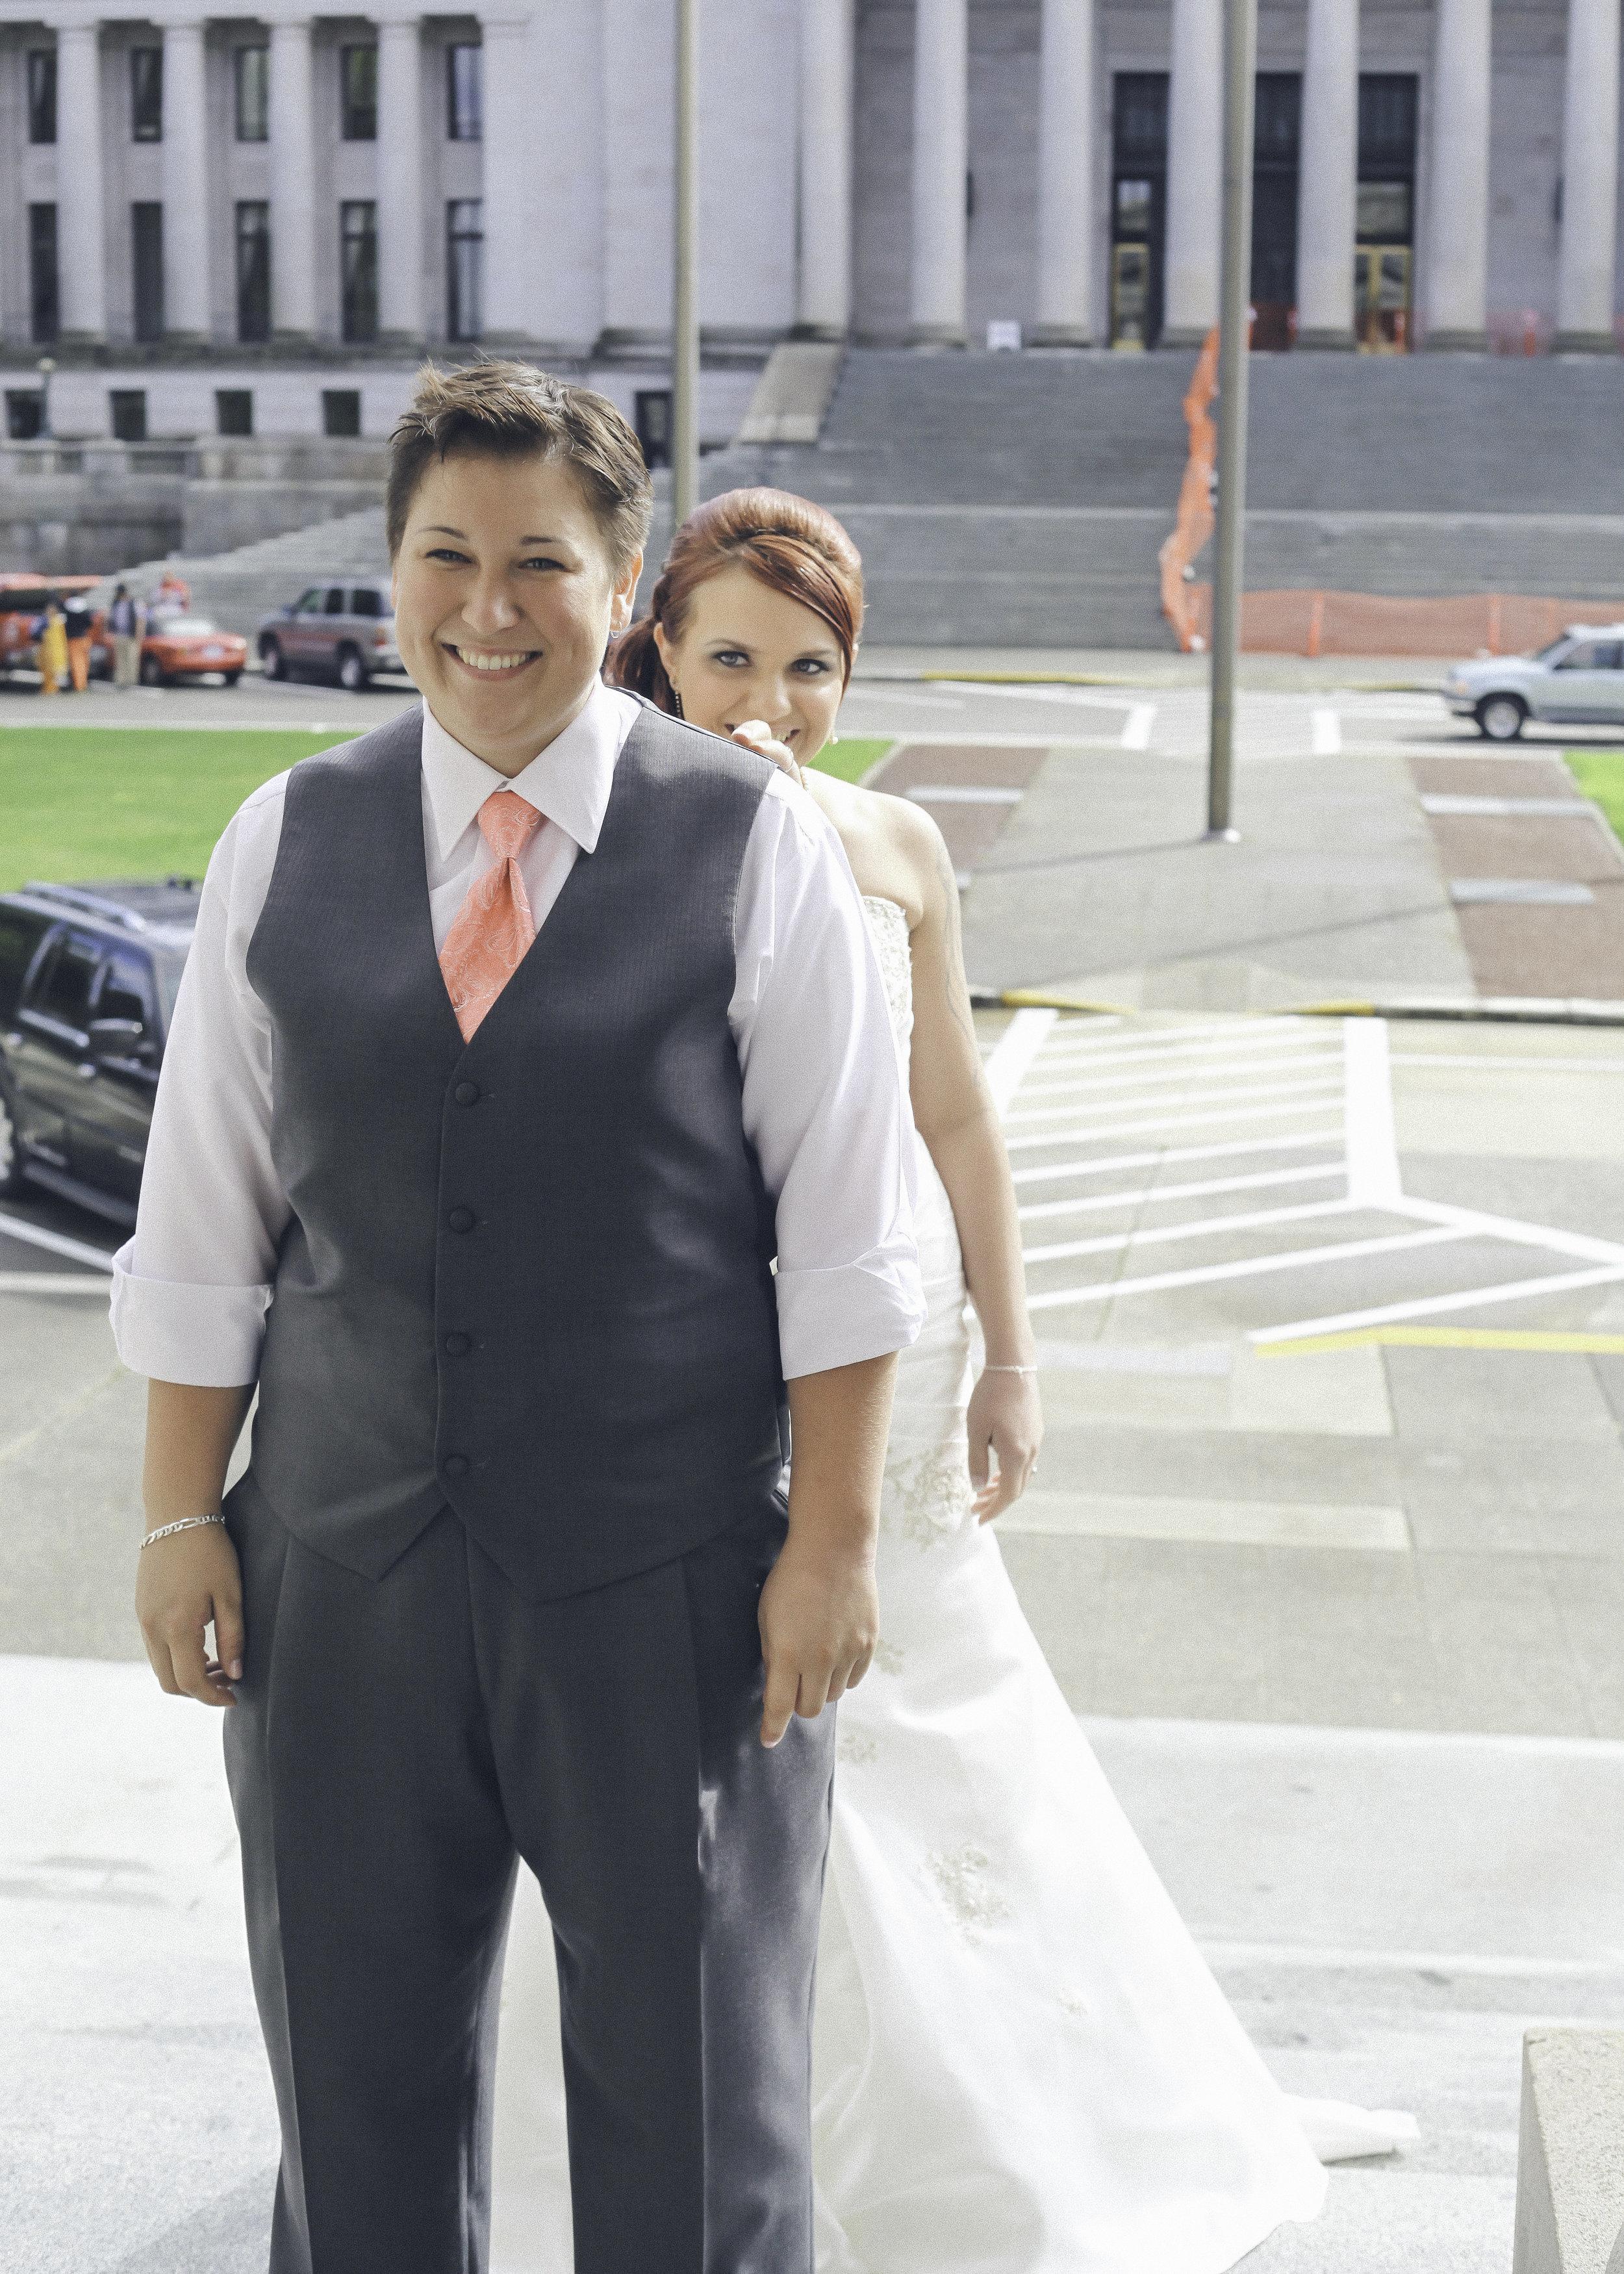 Devon Sara Married-Devon Sara-0040.jpg